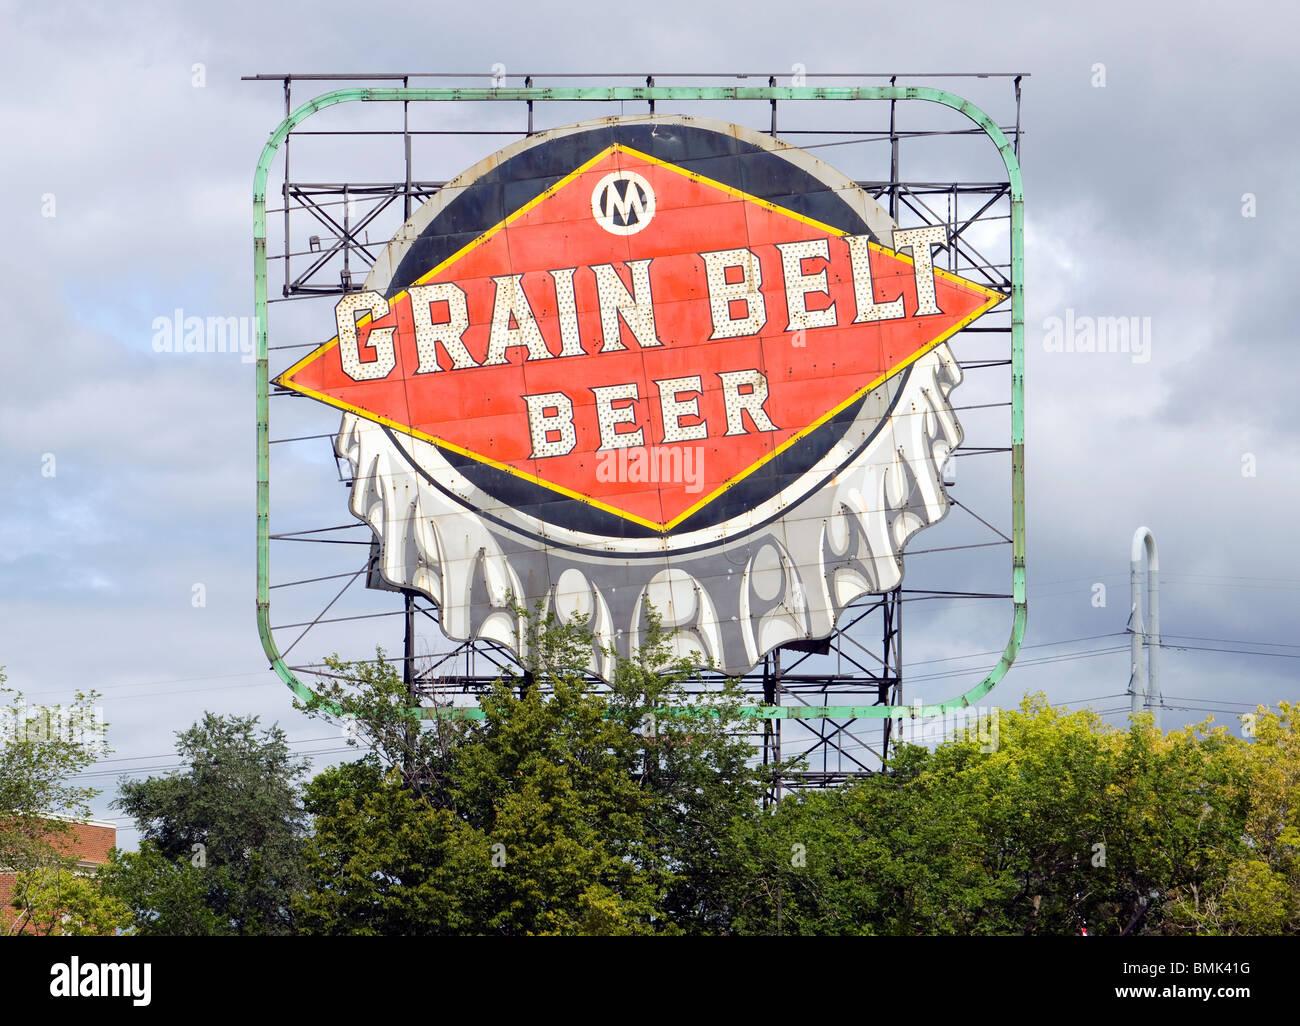 Grain Belt Beer Sign in Minneapolis Minnesota - Stock Image